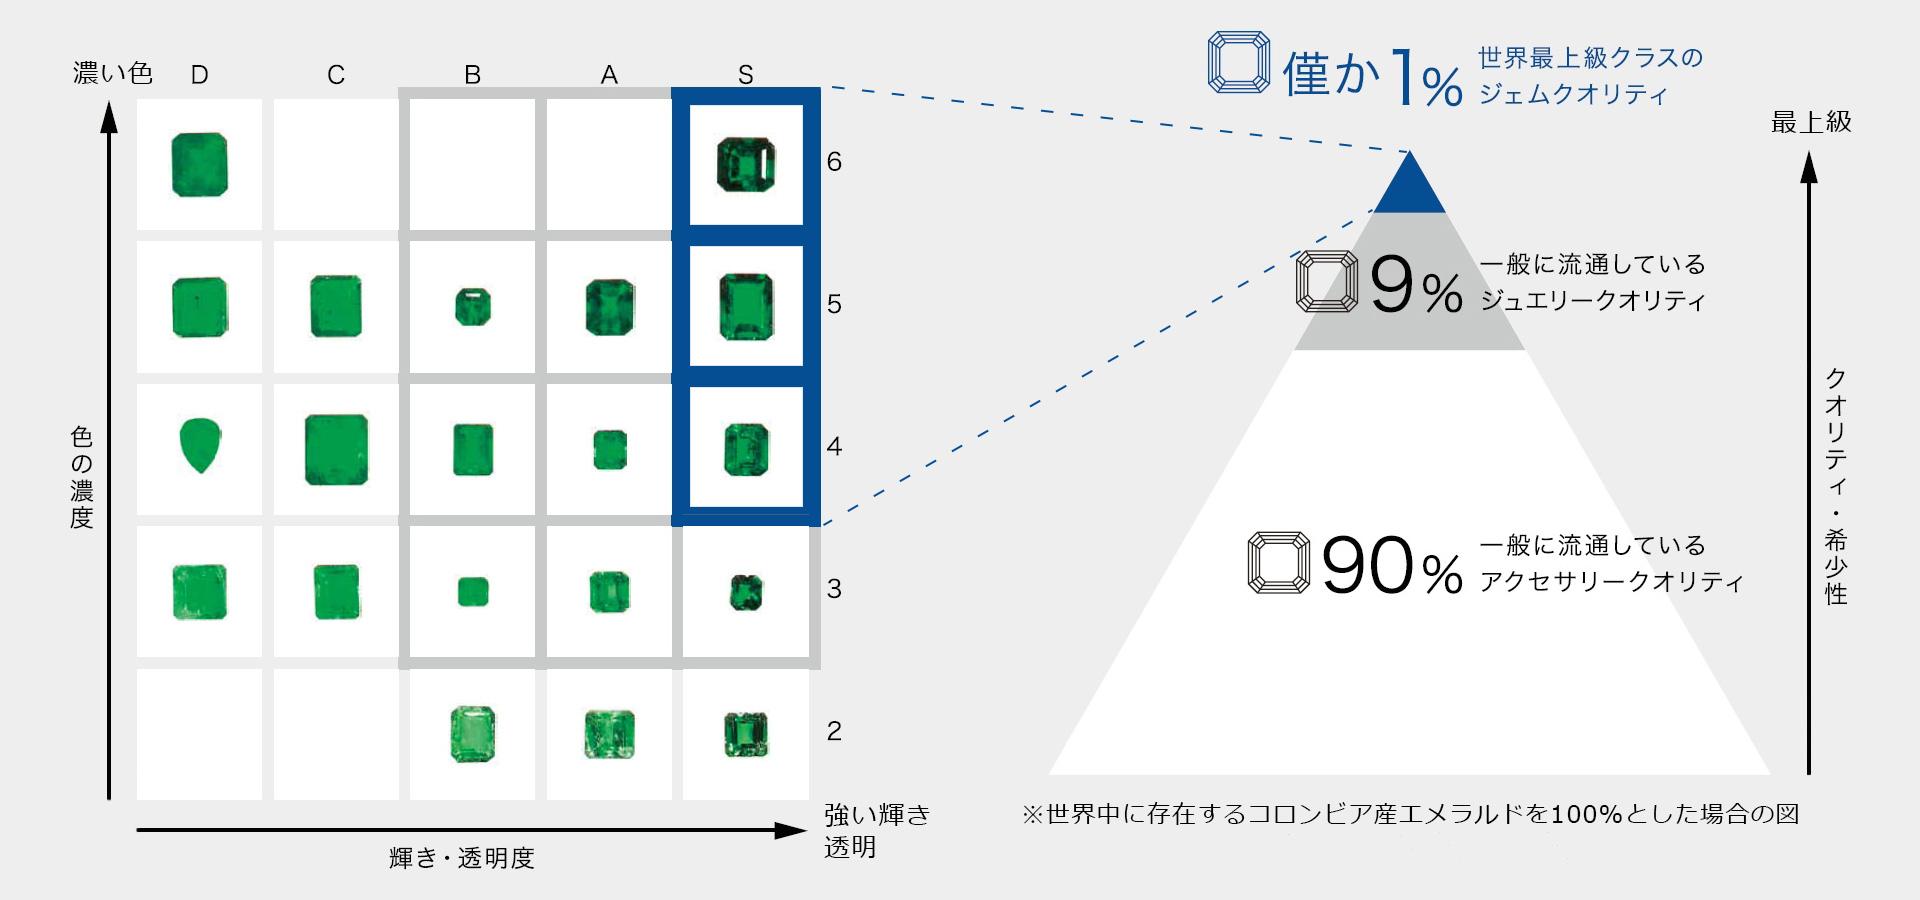 エメラルドを例とした品質チャートとハナジマが取り扱う品質 PC用